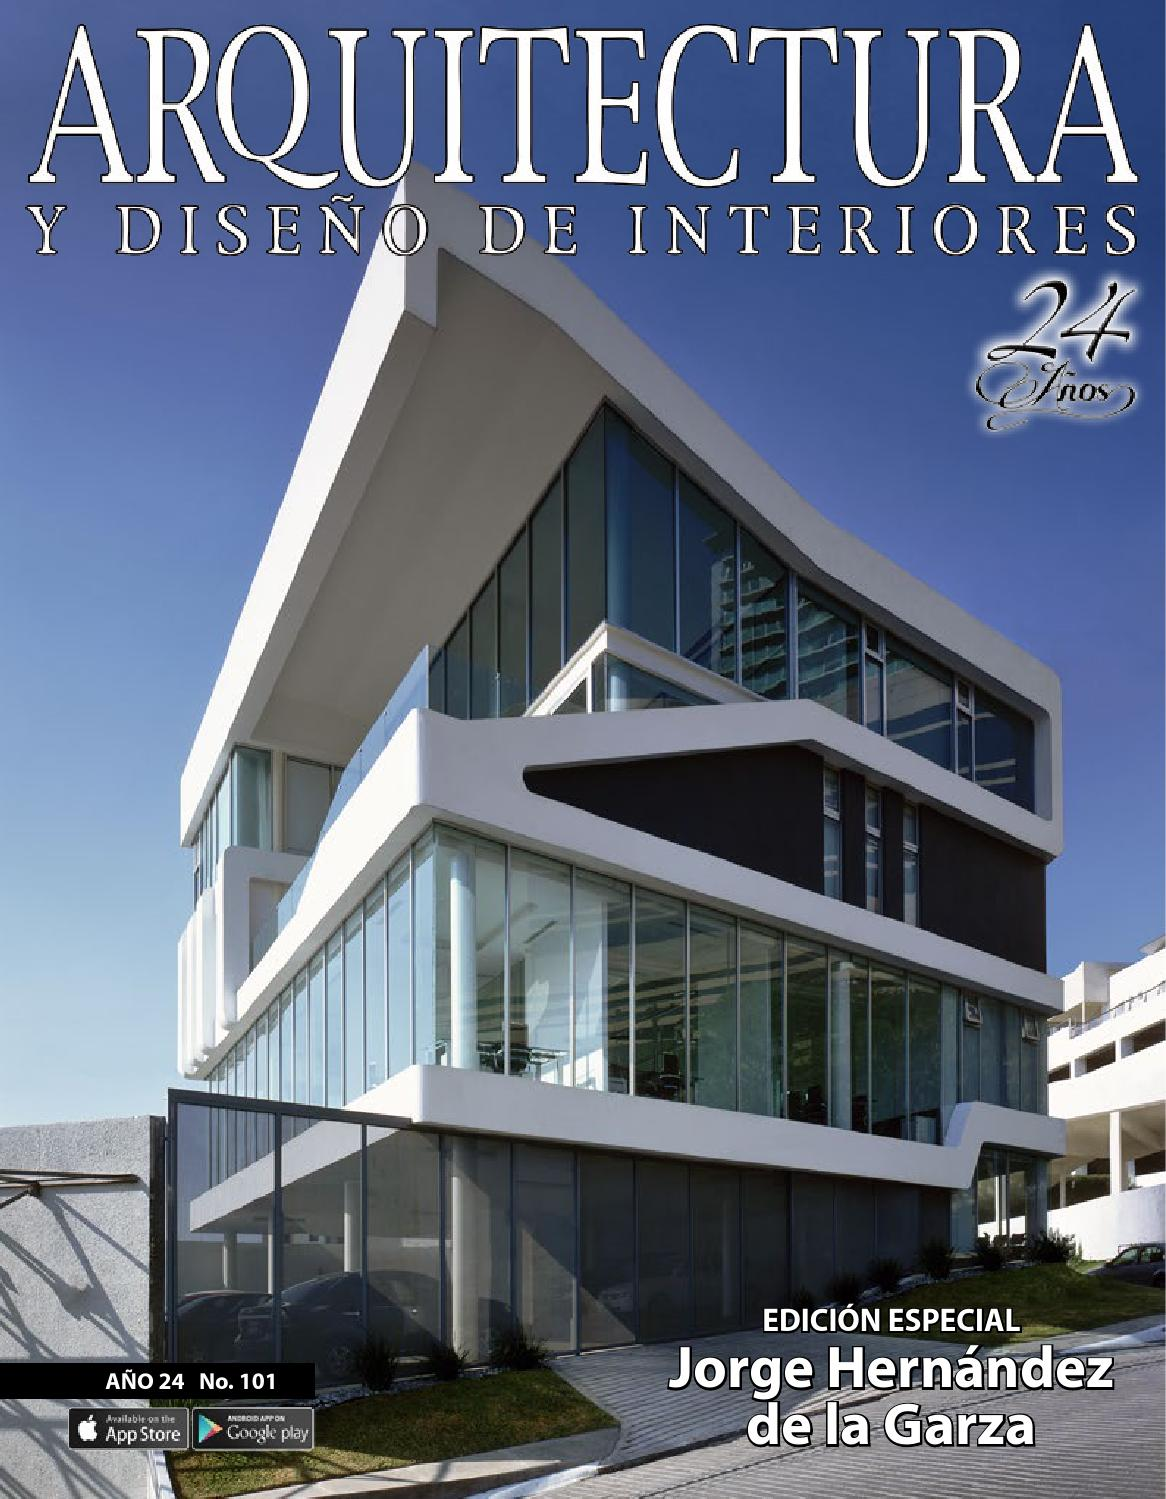 Arquitectura y dise o de interiores 101 by arquitectura y dise o de interiores issuu - Arquitectura en diseno de interiores ...